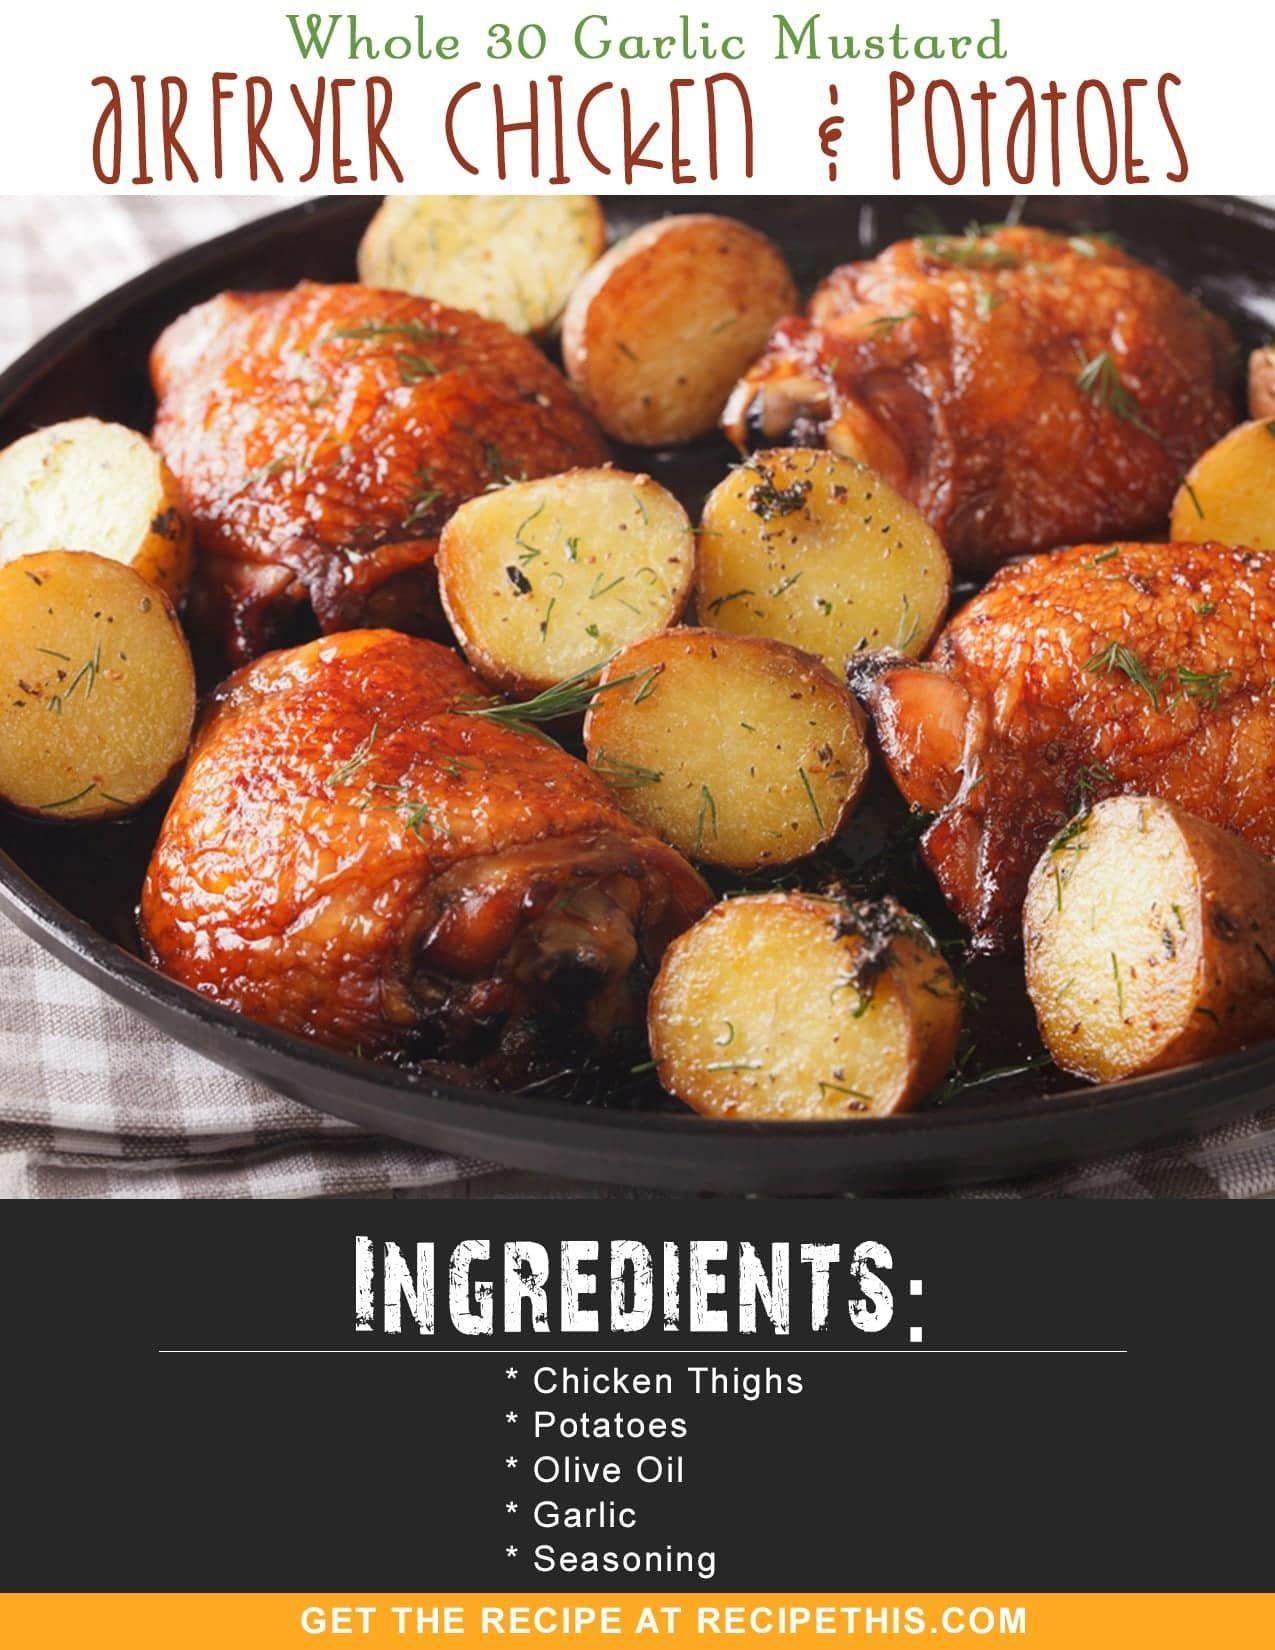 Whole 30 Garlic Mustard Airfryer Chicken & Potatoes